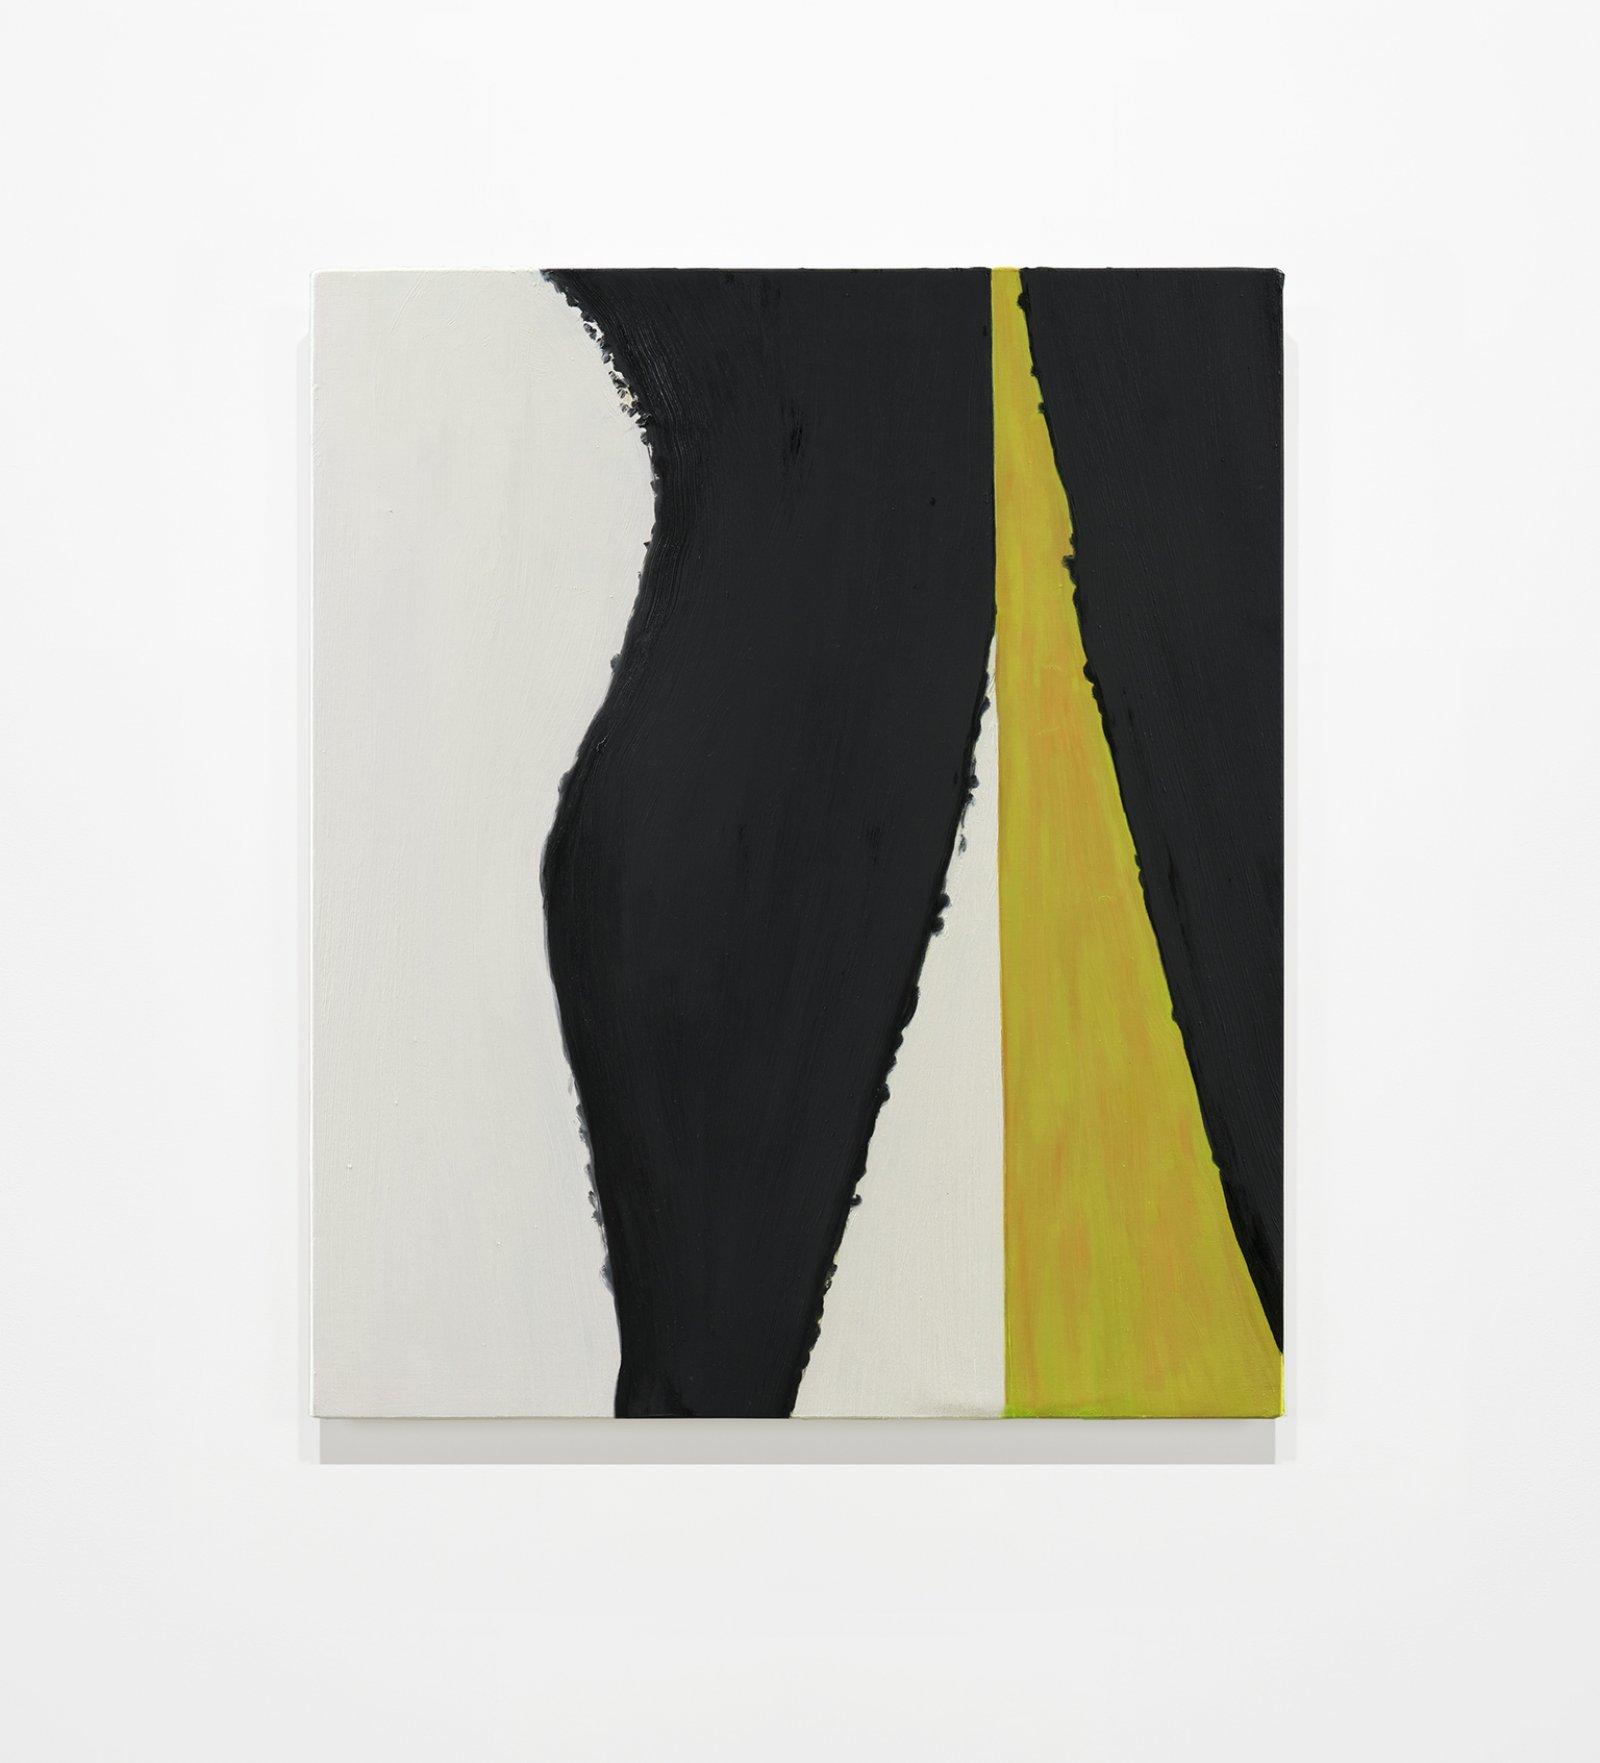 Elizabeth McIntosh, Legs, 2019, oil on canvas, 30 x 25 in. (75 x 64 cm) by Elizabeth McIntosh